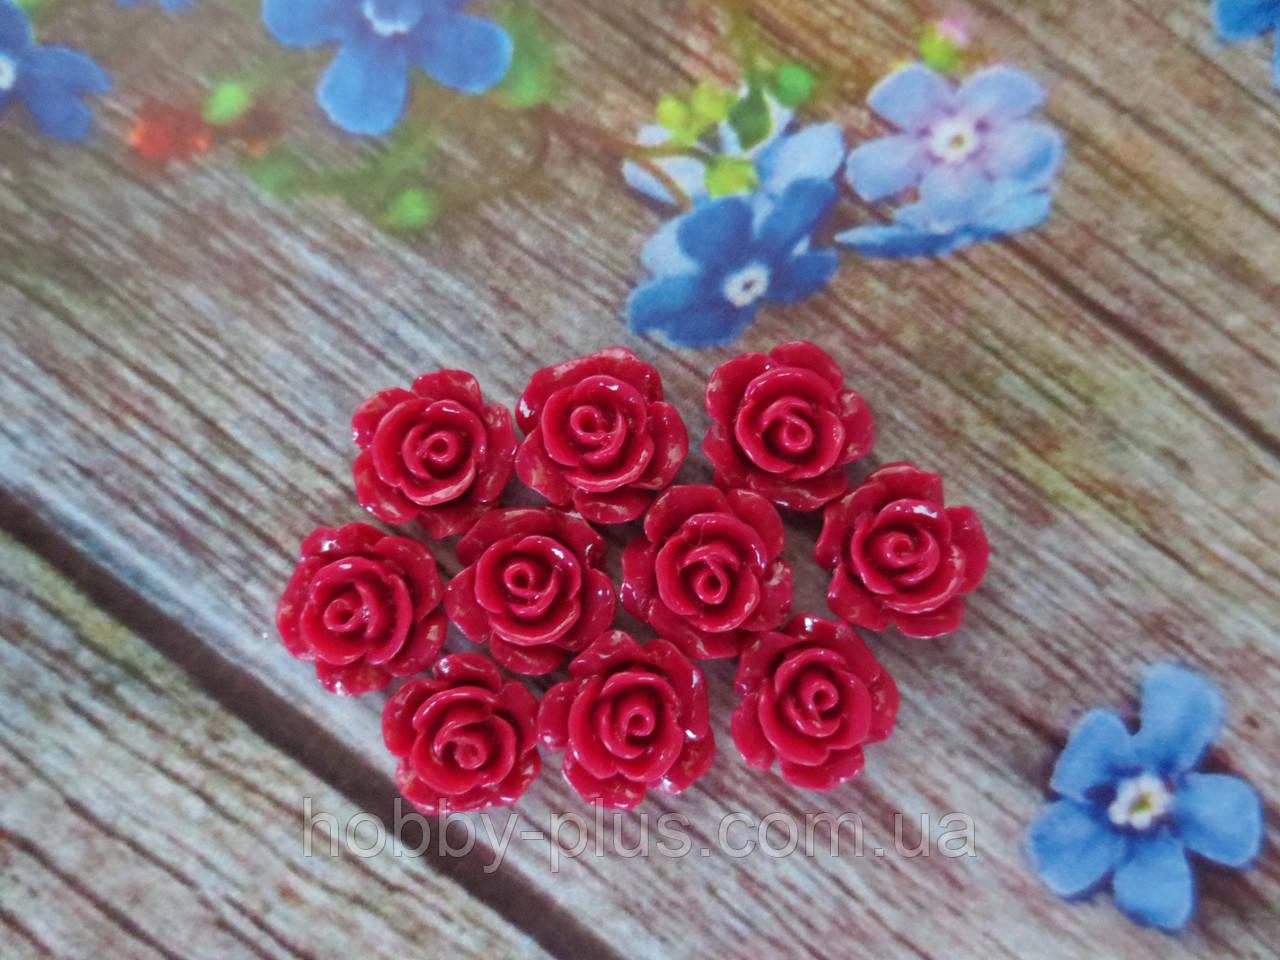 """Серединка акриловая """"Роза лаковая мини"""", 9 мм, цвет бордовый, 10 шт."""